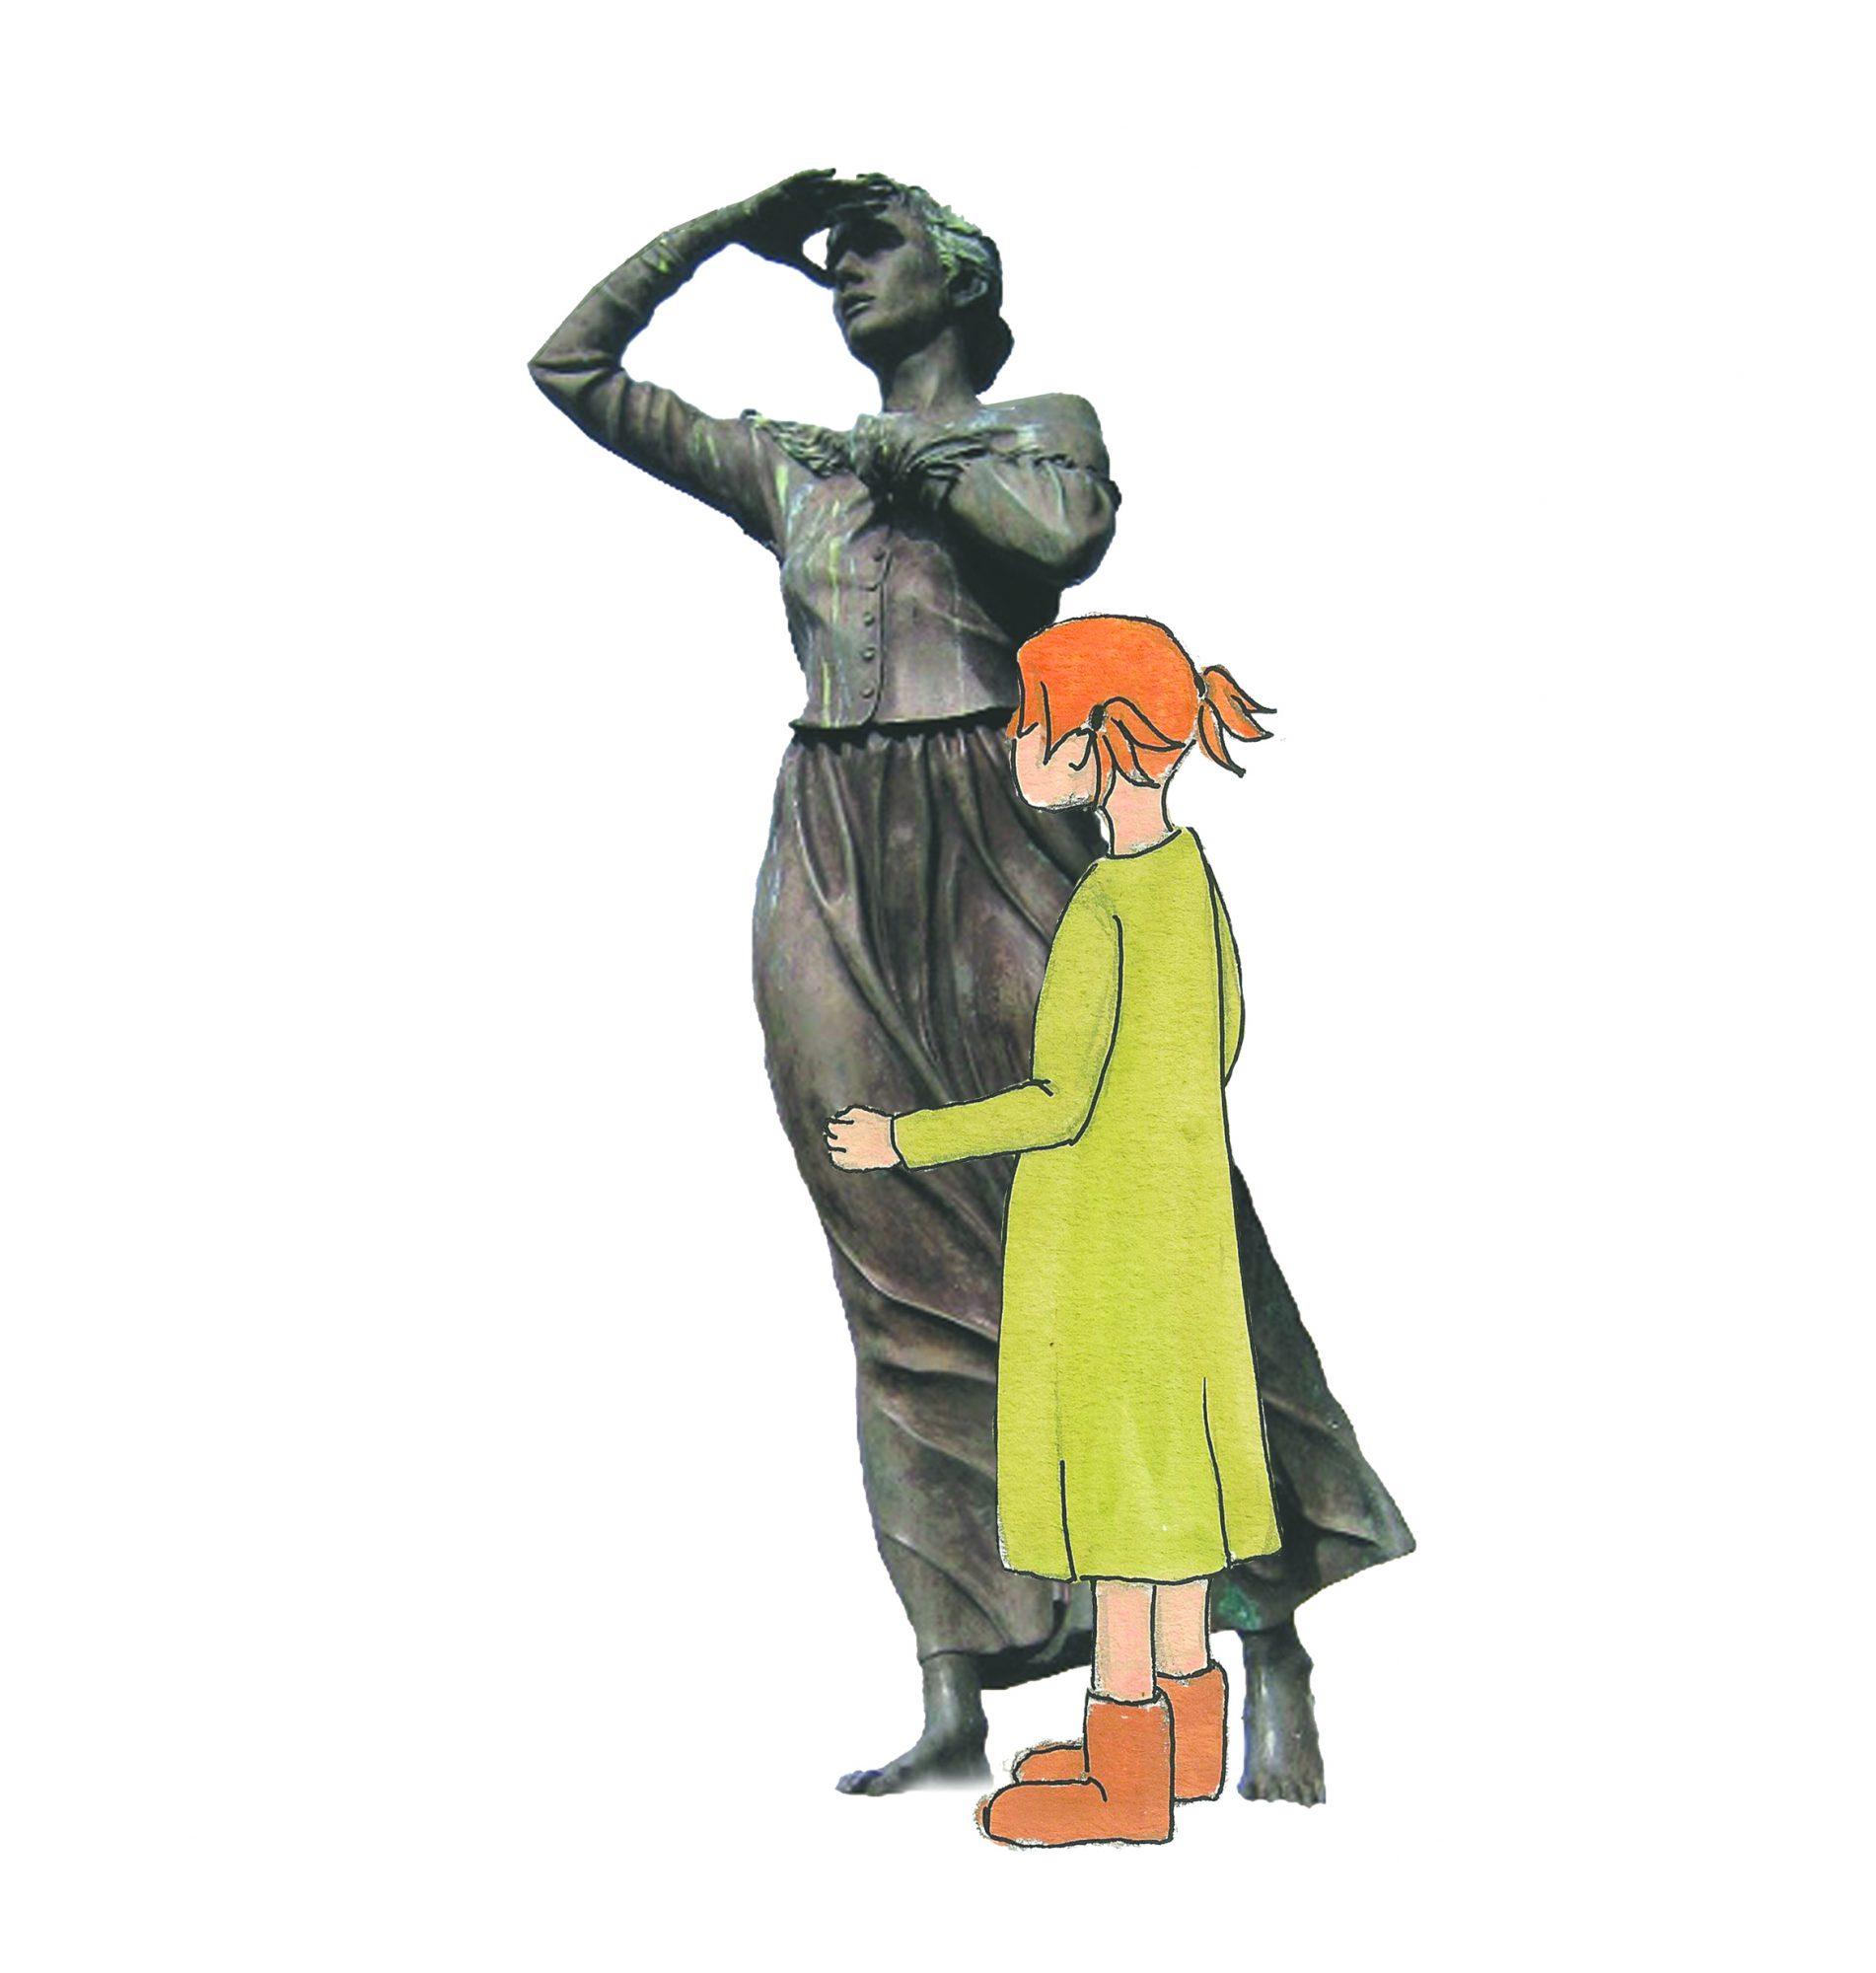 mot-havet-statue-statue-alesund-guide-borgny-voice